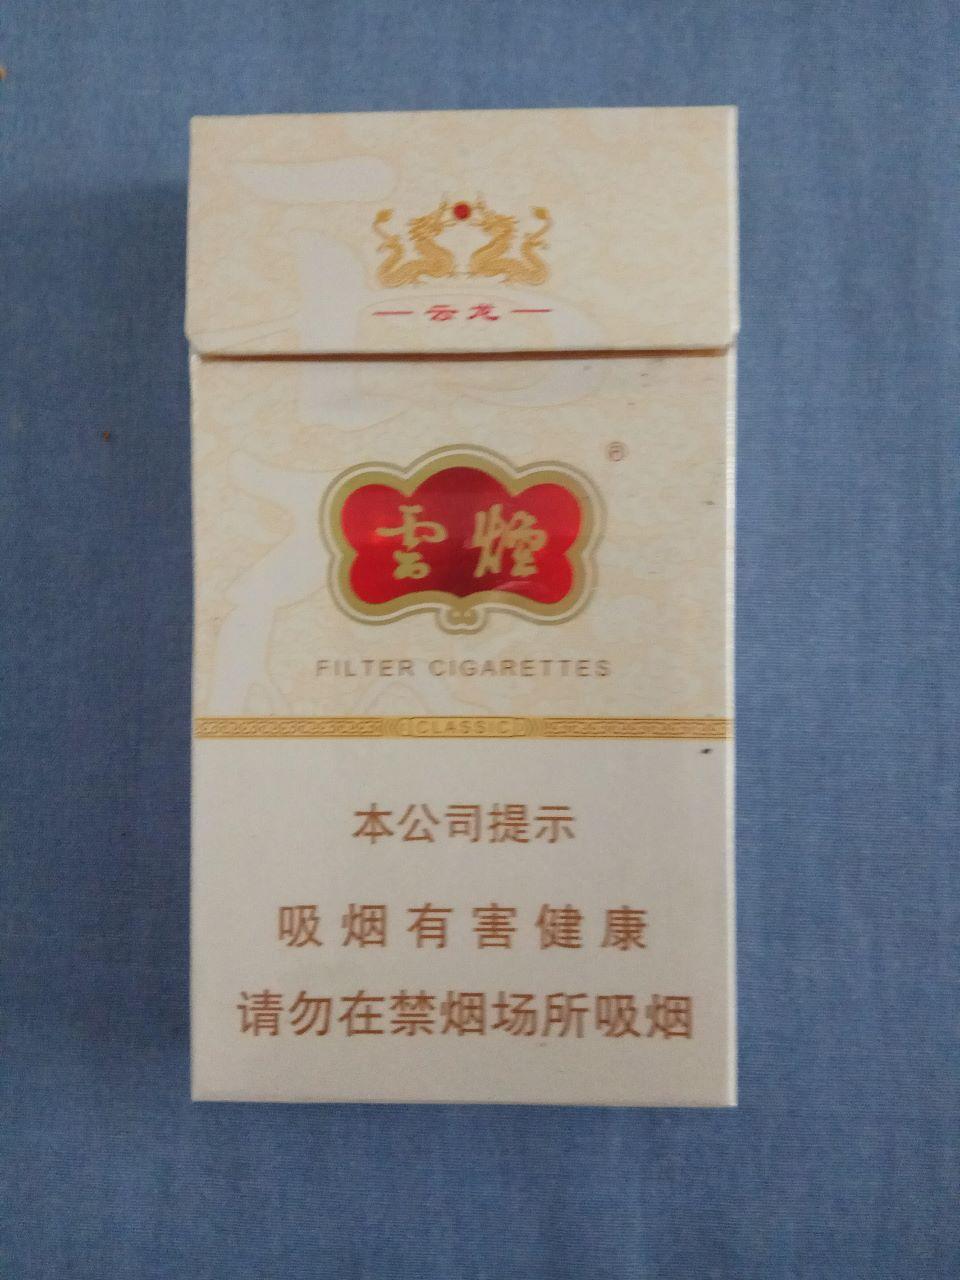 黄盒兰州香烟价格表图